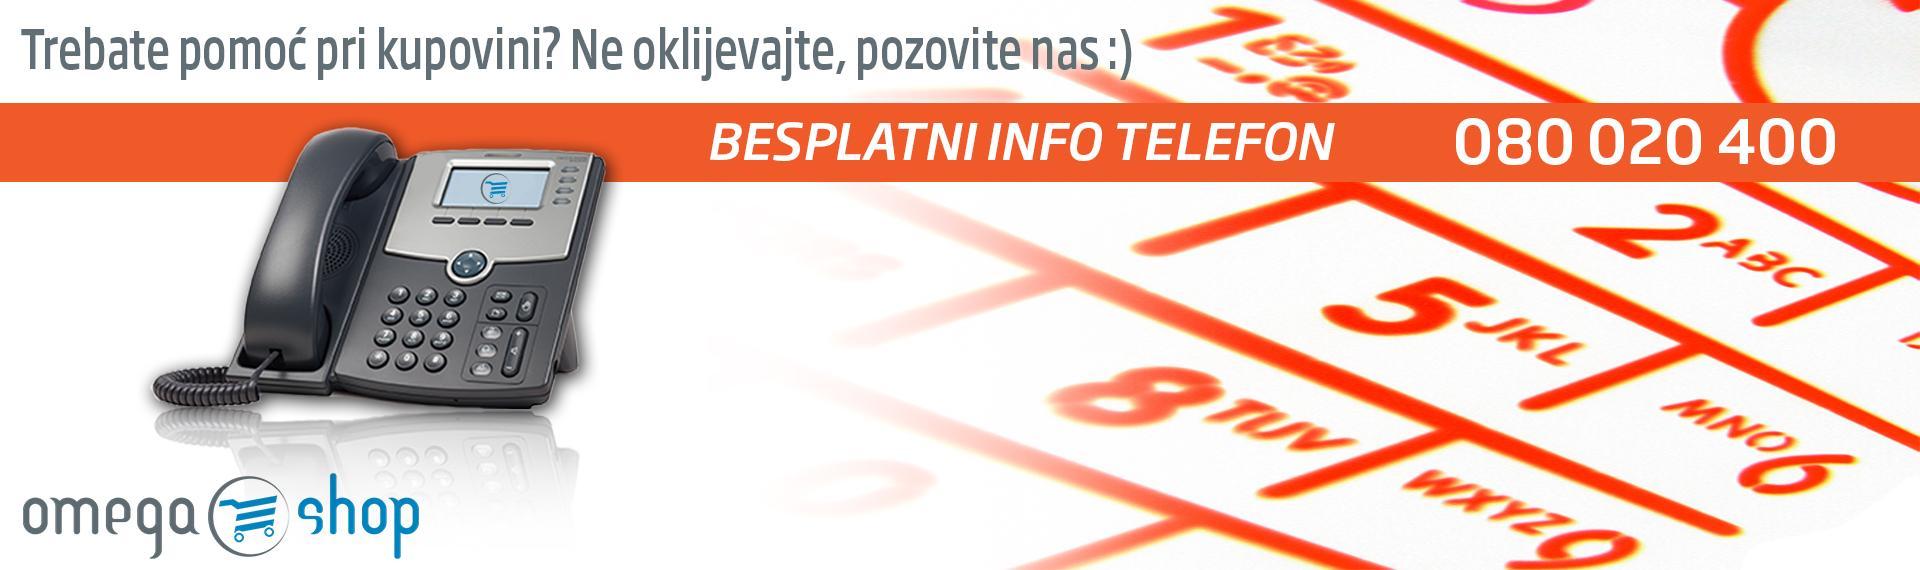 Besplatni info telefon